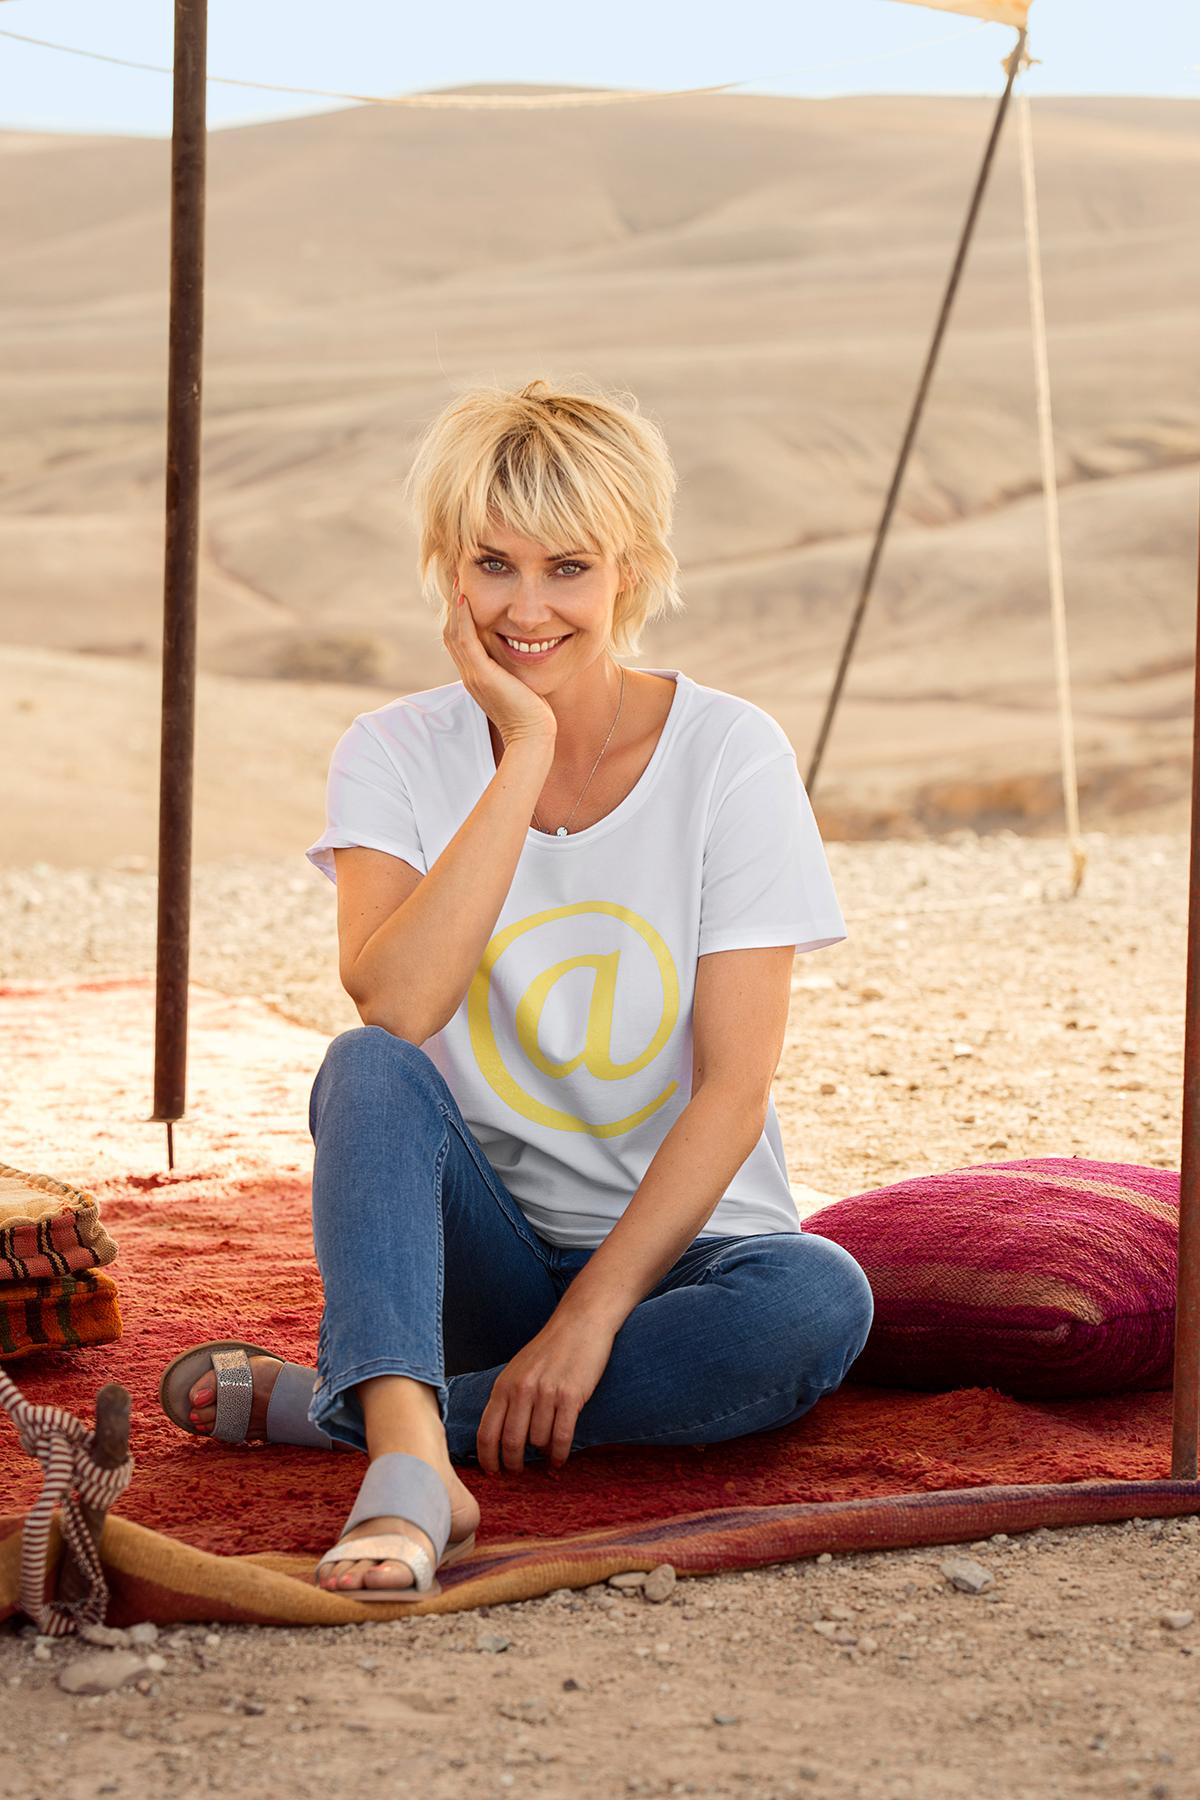 Hvid/gul Kortærmet T-shirt fra Dranella – Køb Hvid/gul Kortærmet T-shirt fra str. XS-XXL her